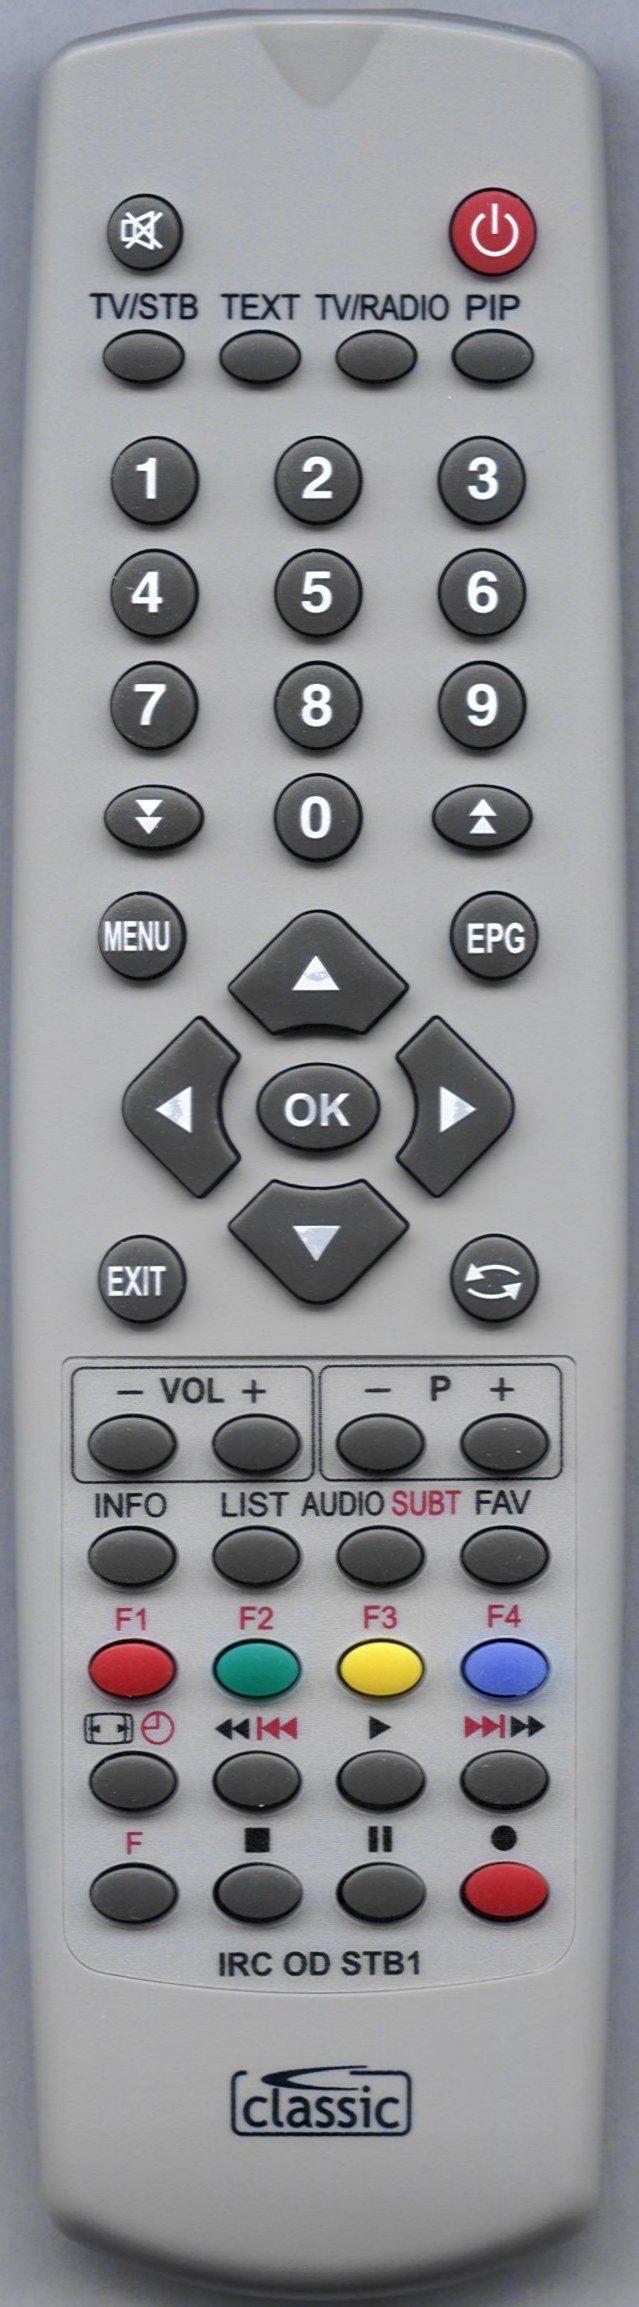 Topfield TP501 Remote Control